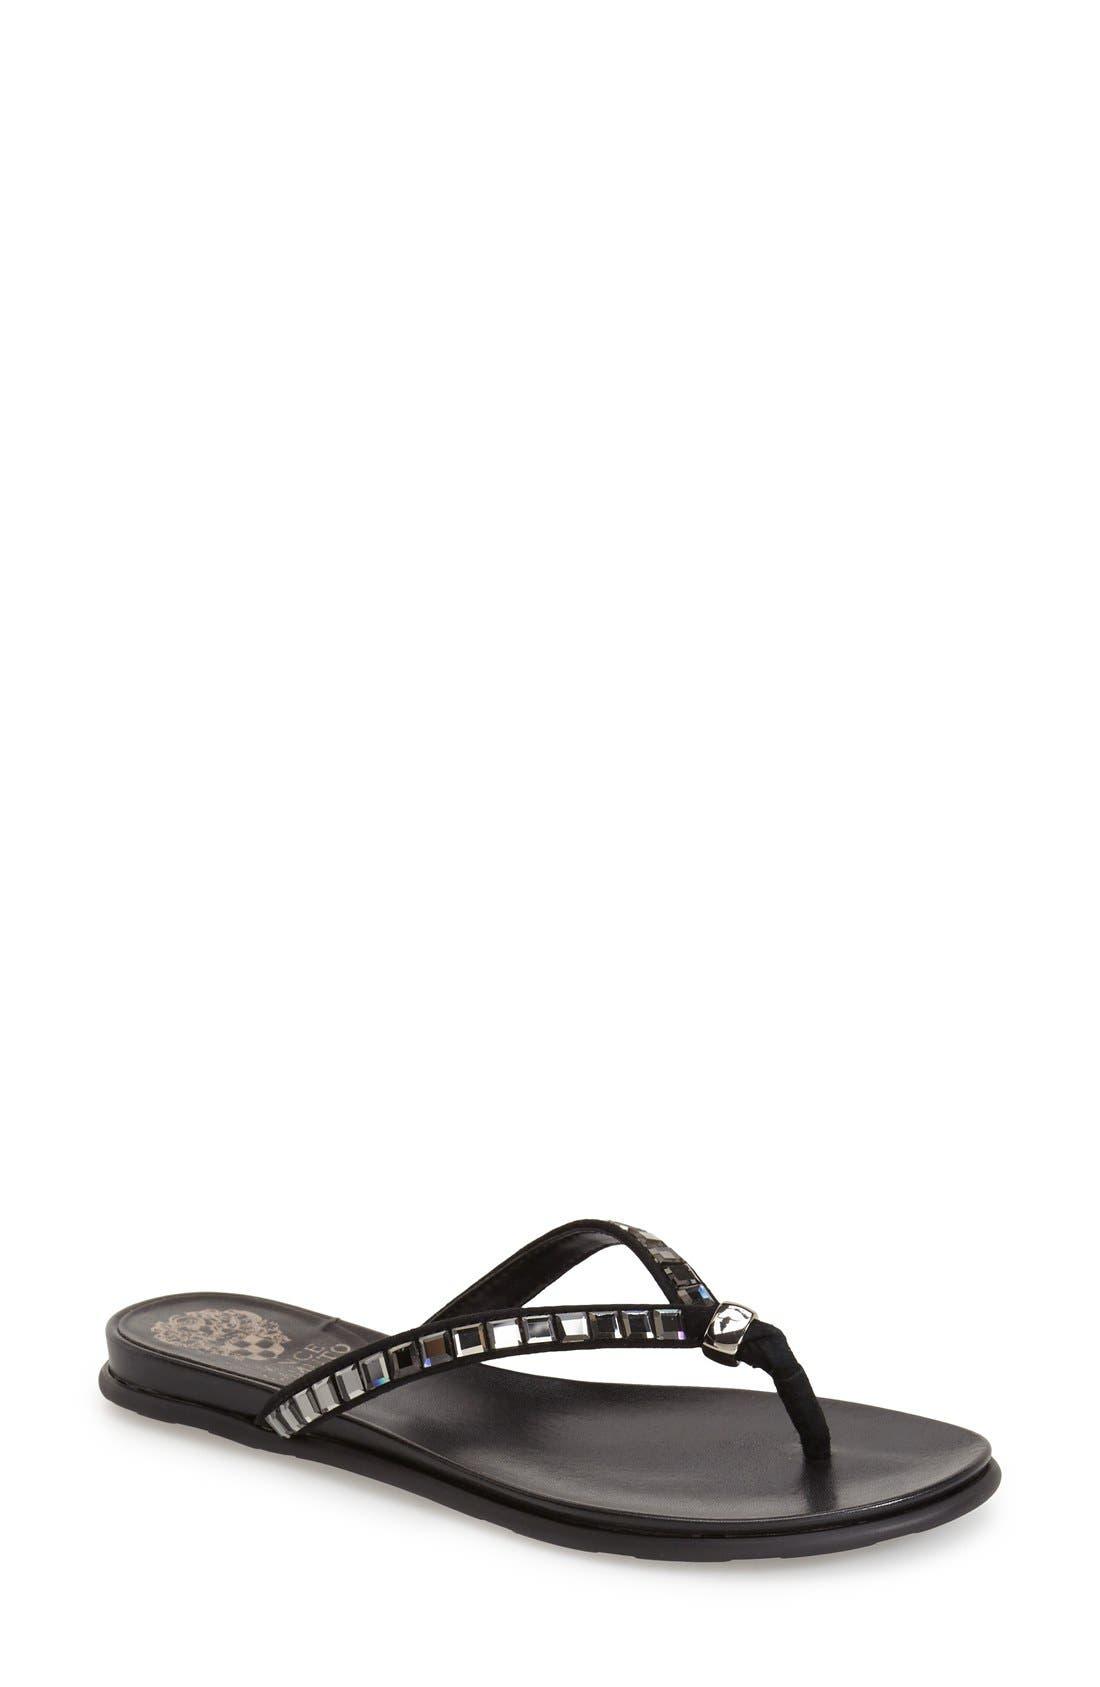 'Ellita' Flat Sandal,                             Main thumbnail 1, color,                             Black Leather